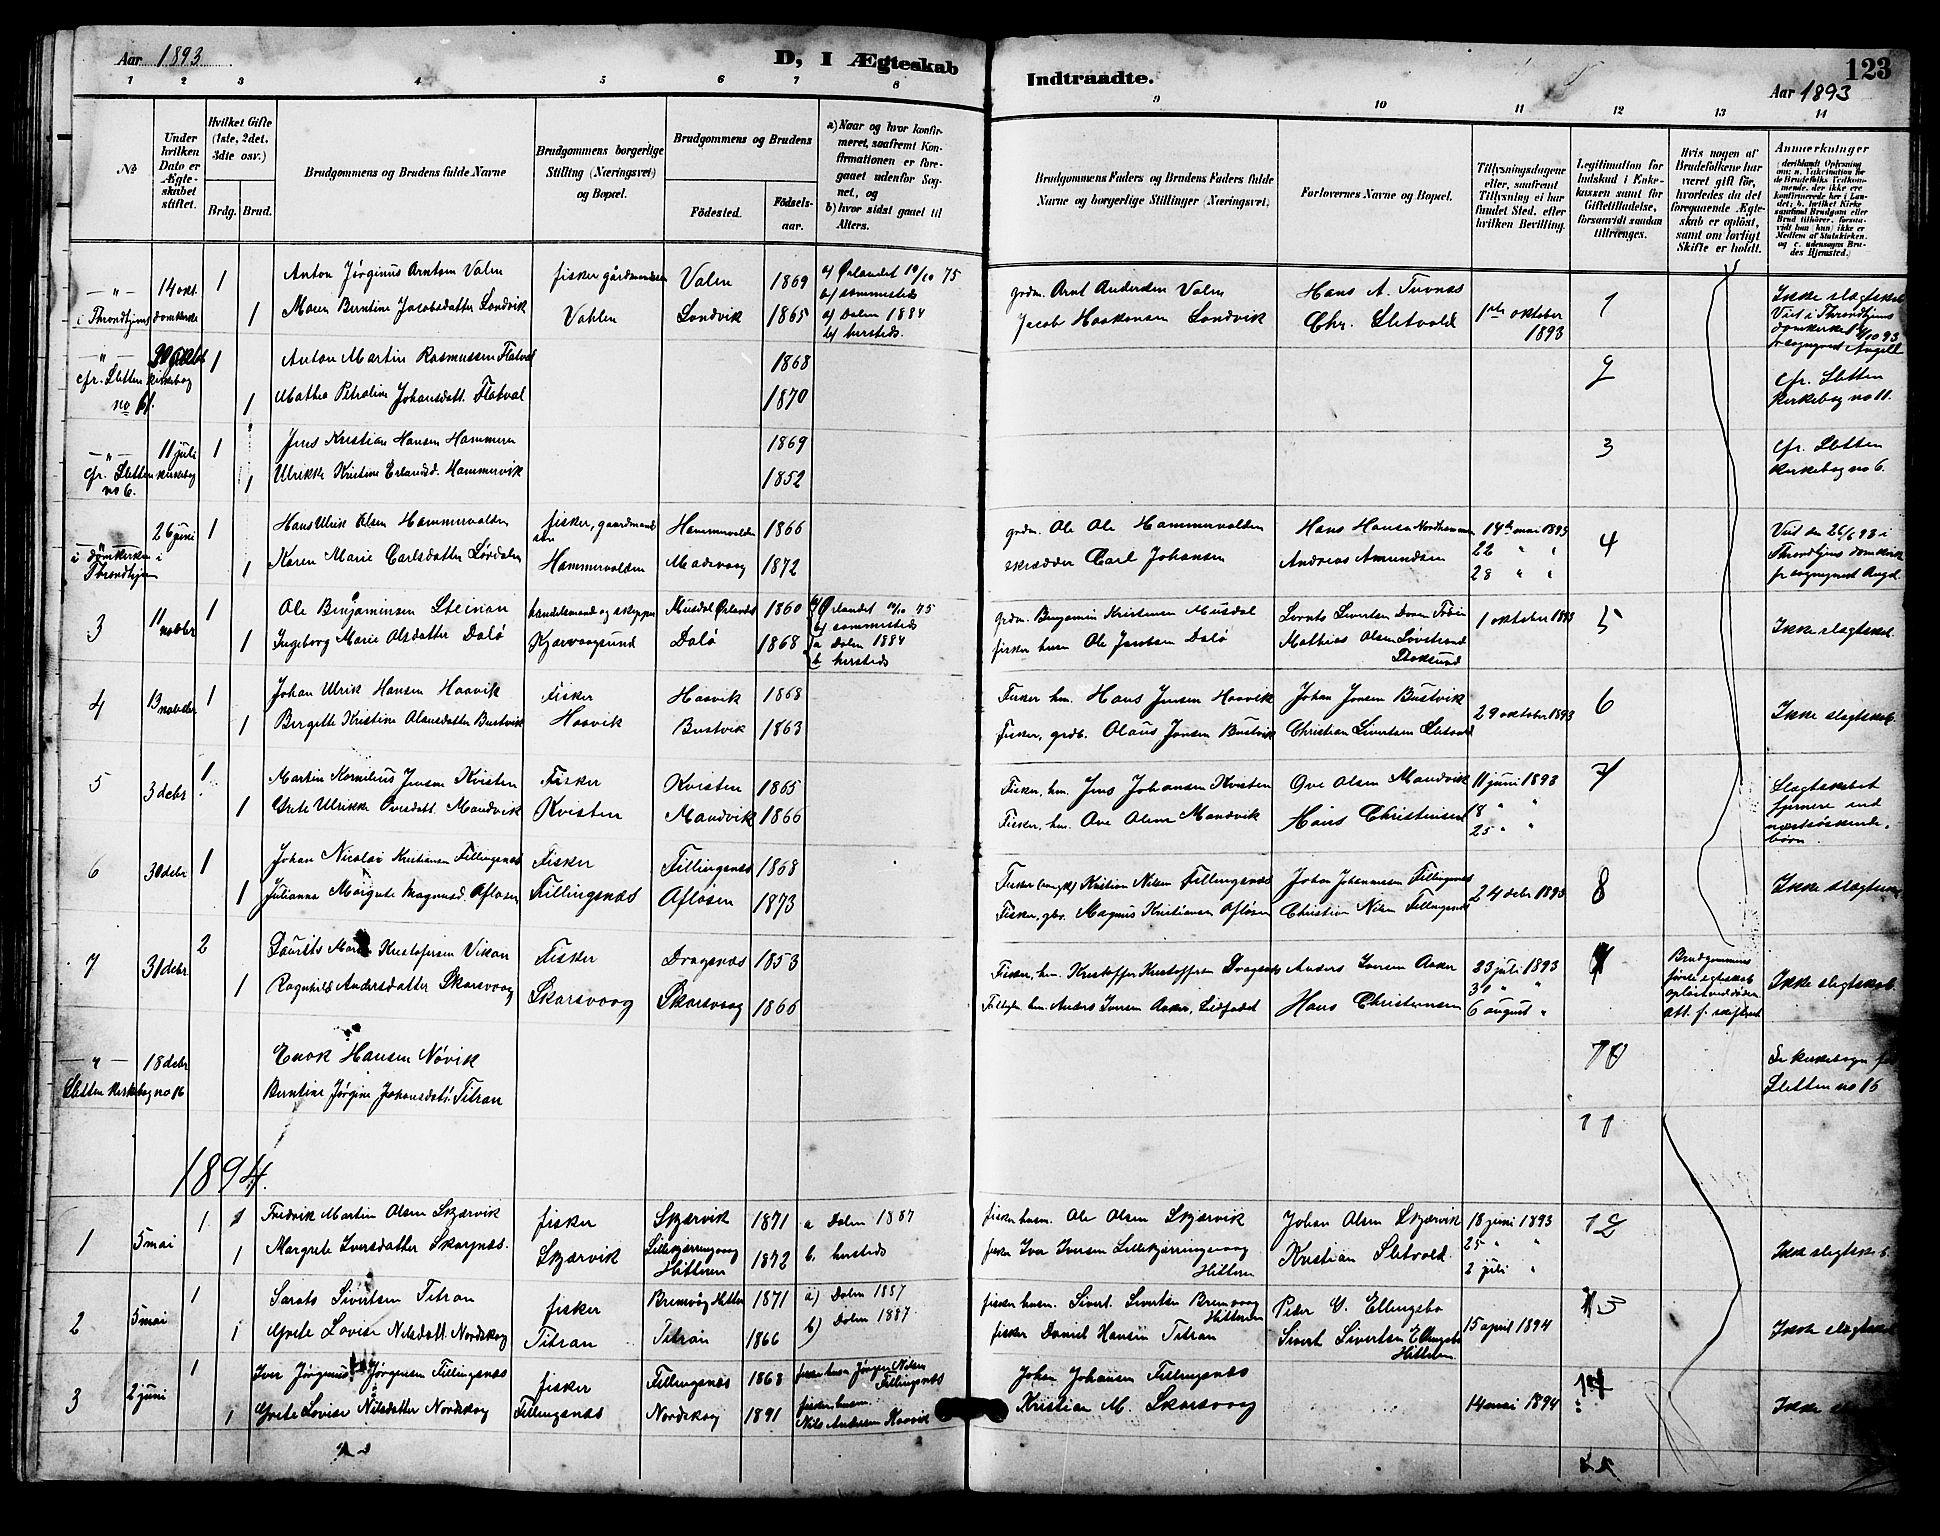 SAT, Ministerialprotokoller, klokkerbøker og fødselsregistre - Sør-Trøndelag, 641/L0598: Klokkerbok nr. 641C02, 1893-1910, s. 123